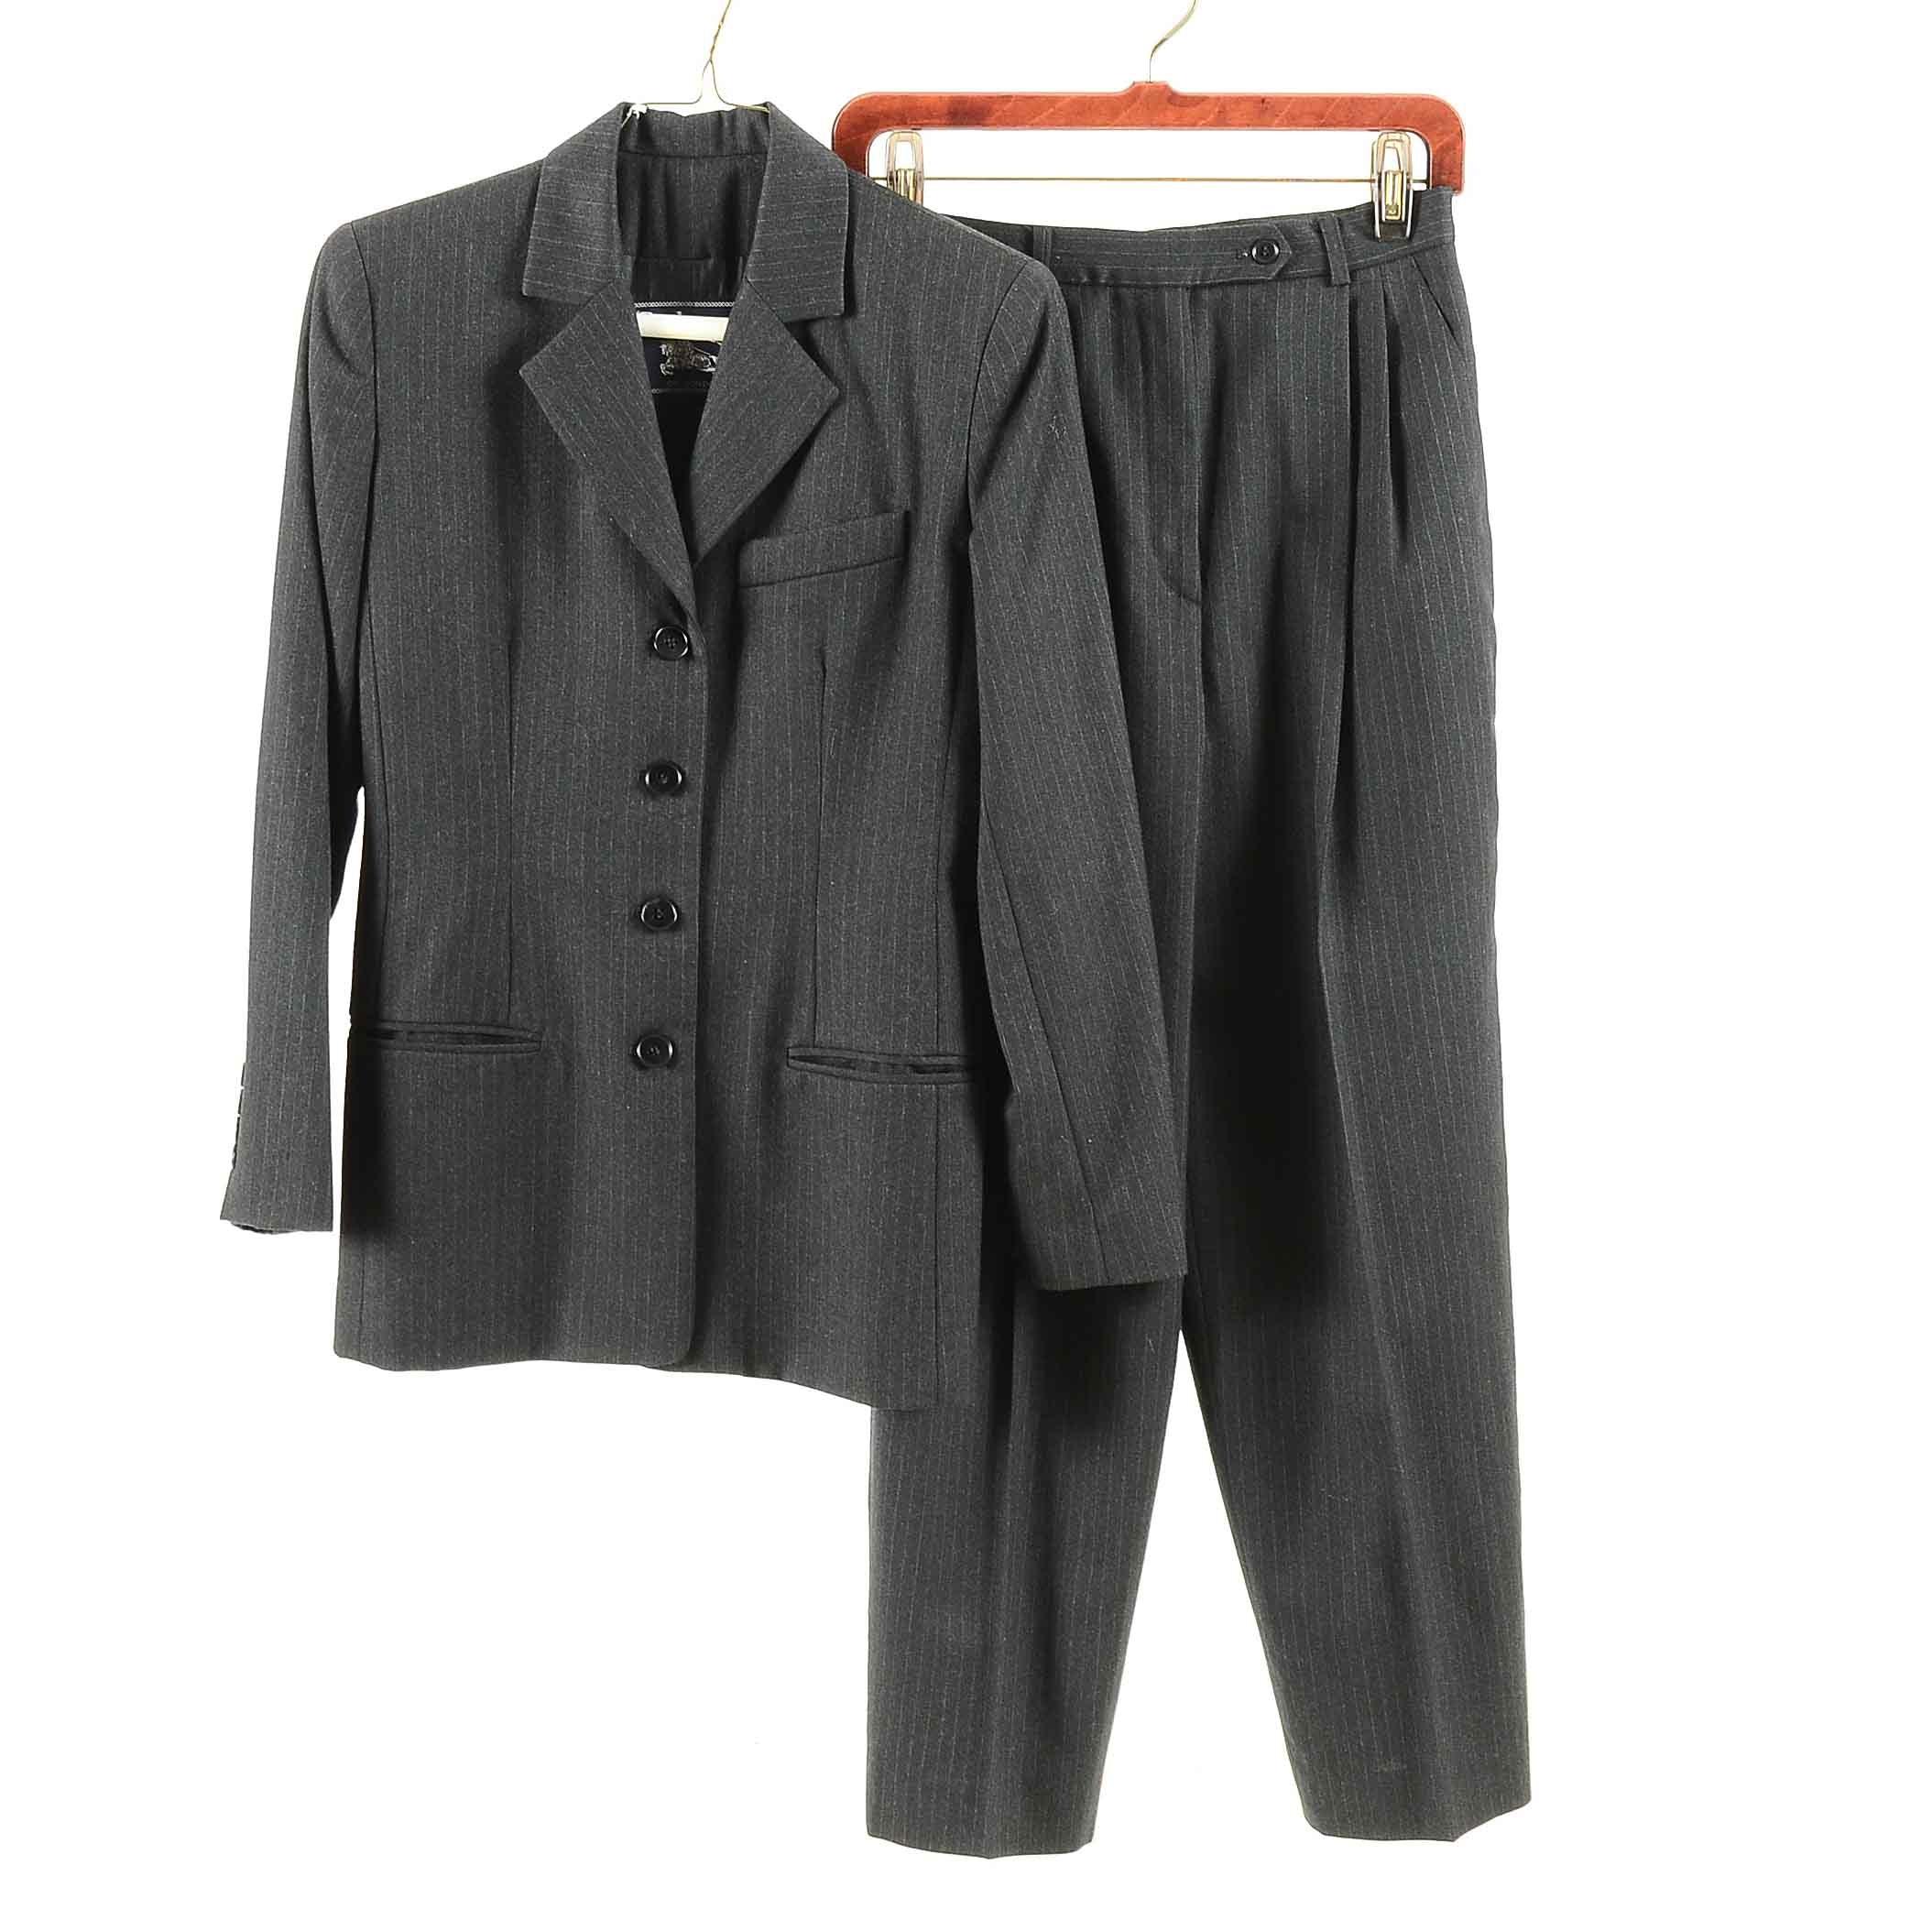 Women's Burberrys of London Grey Wool Pinstripe Suit